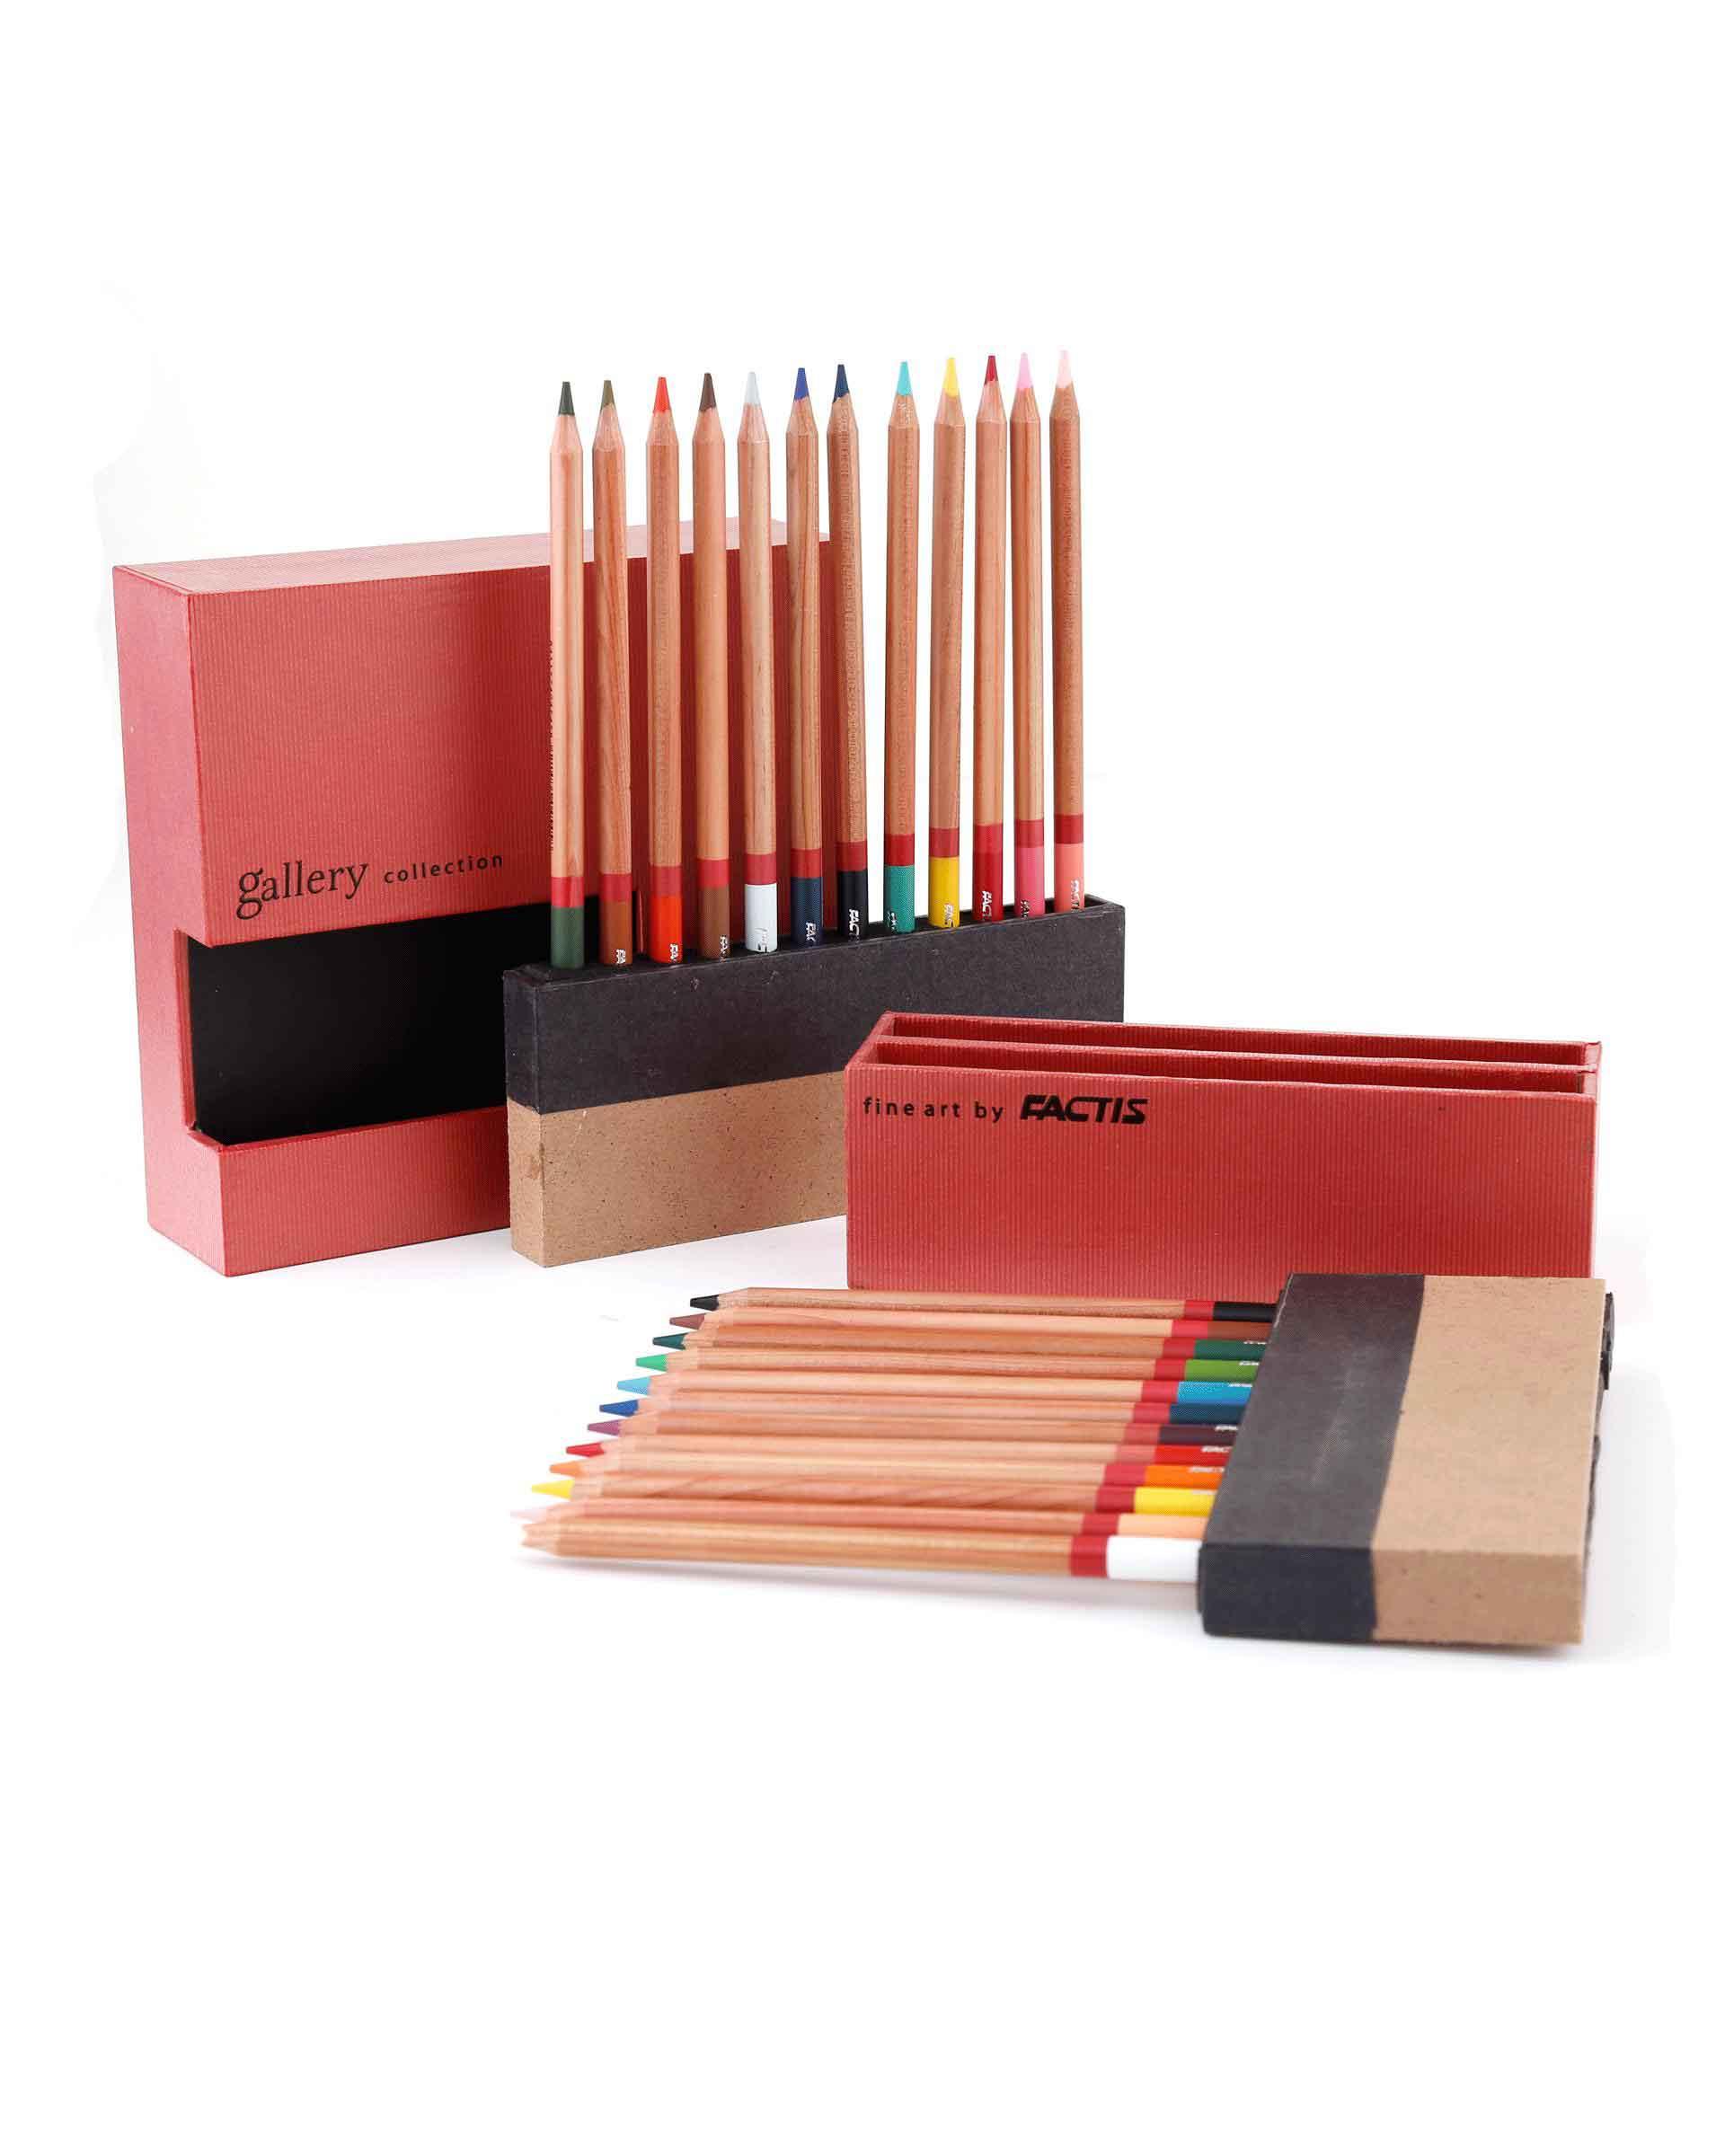 مداد رنگی factis